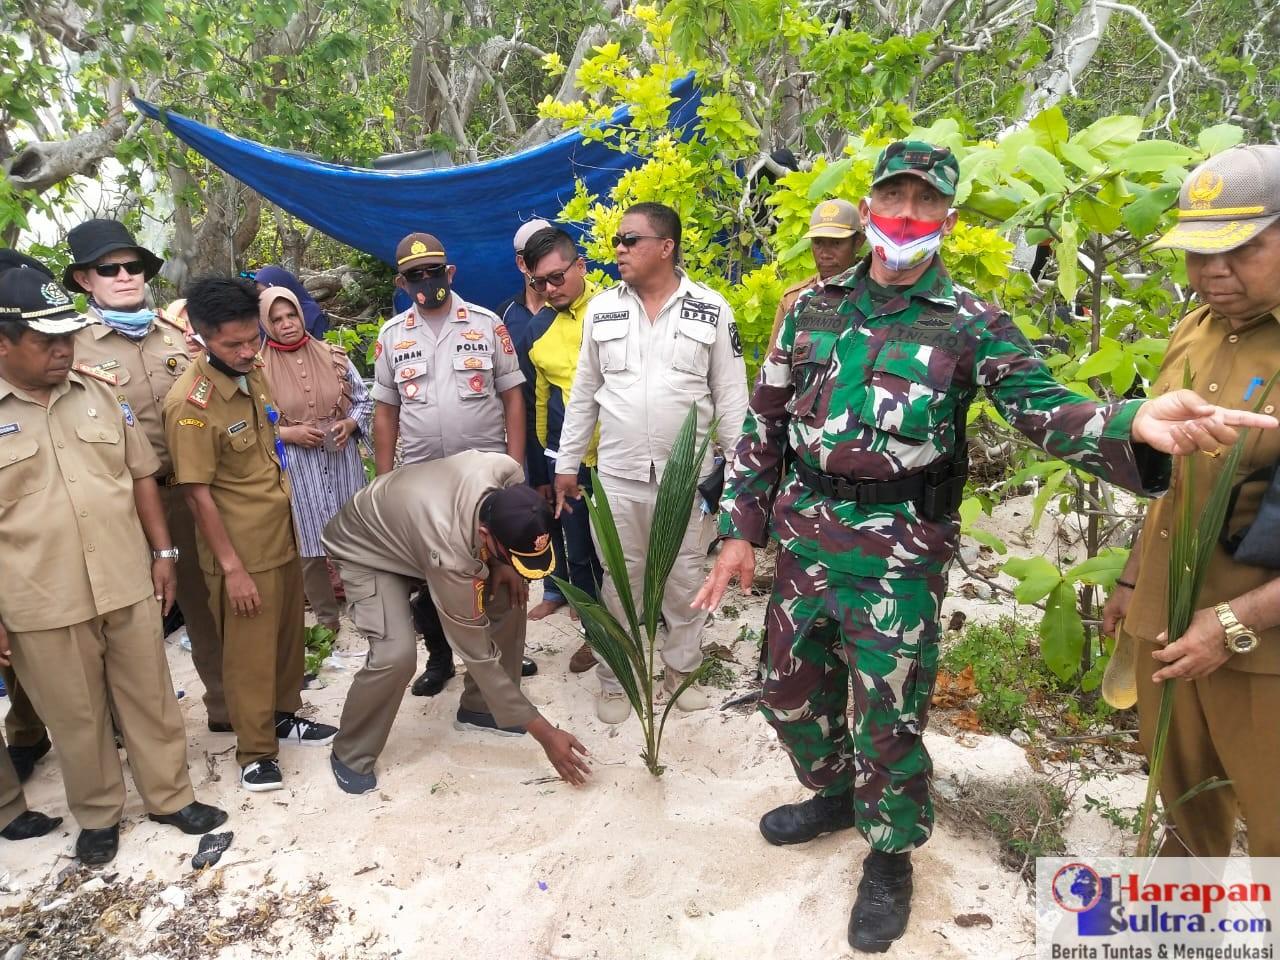 Foto Kegiatan Penanaman Pohon Kelapa di Pulau Kawi Kawia